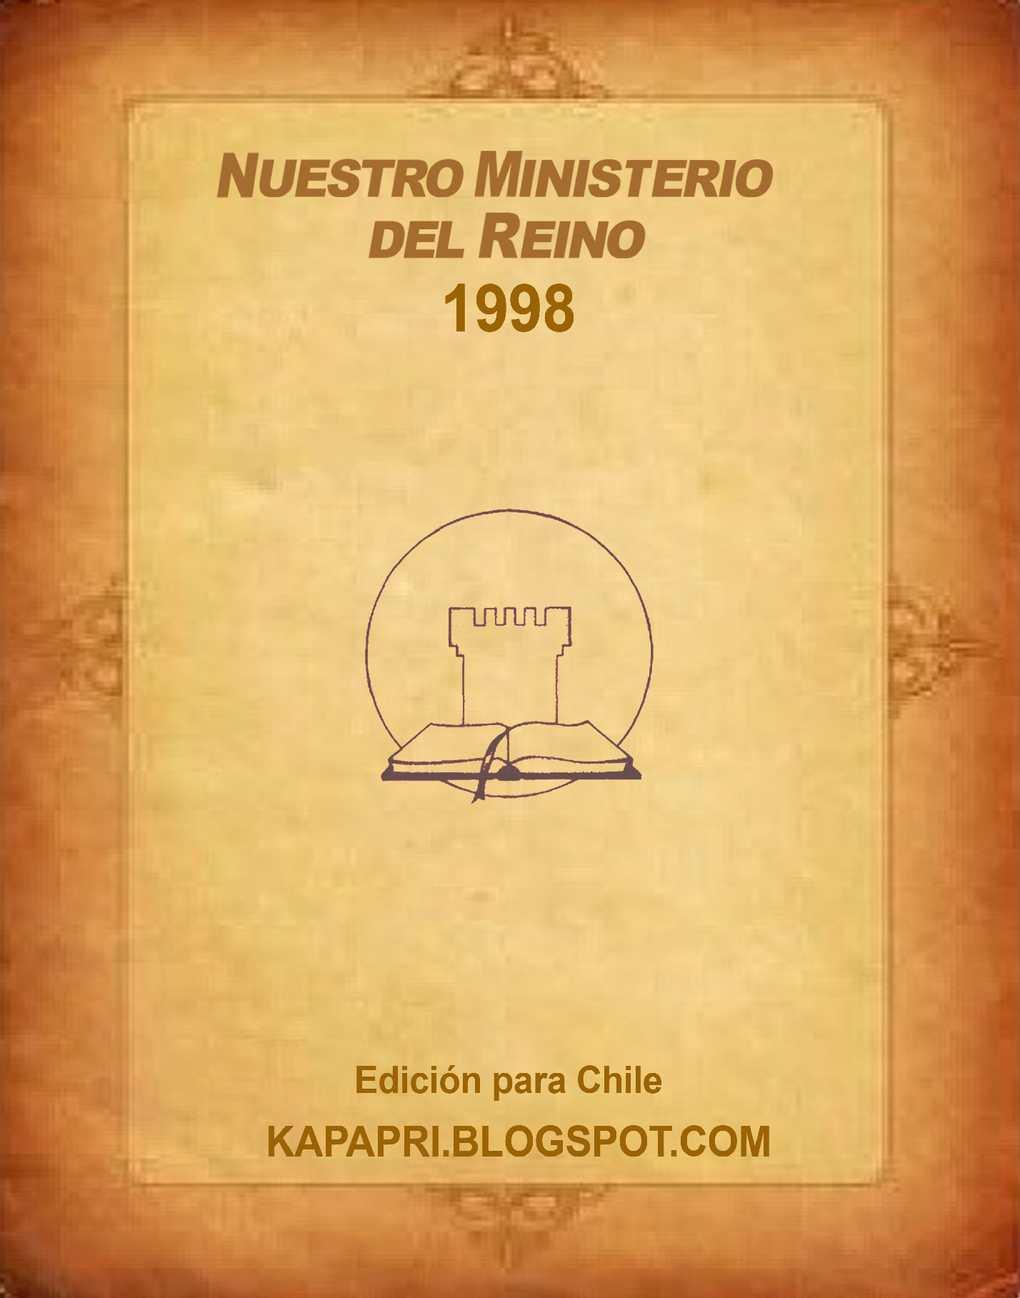 1998 Nuestro Ministerio del Reino